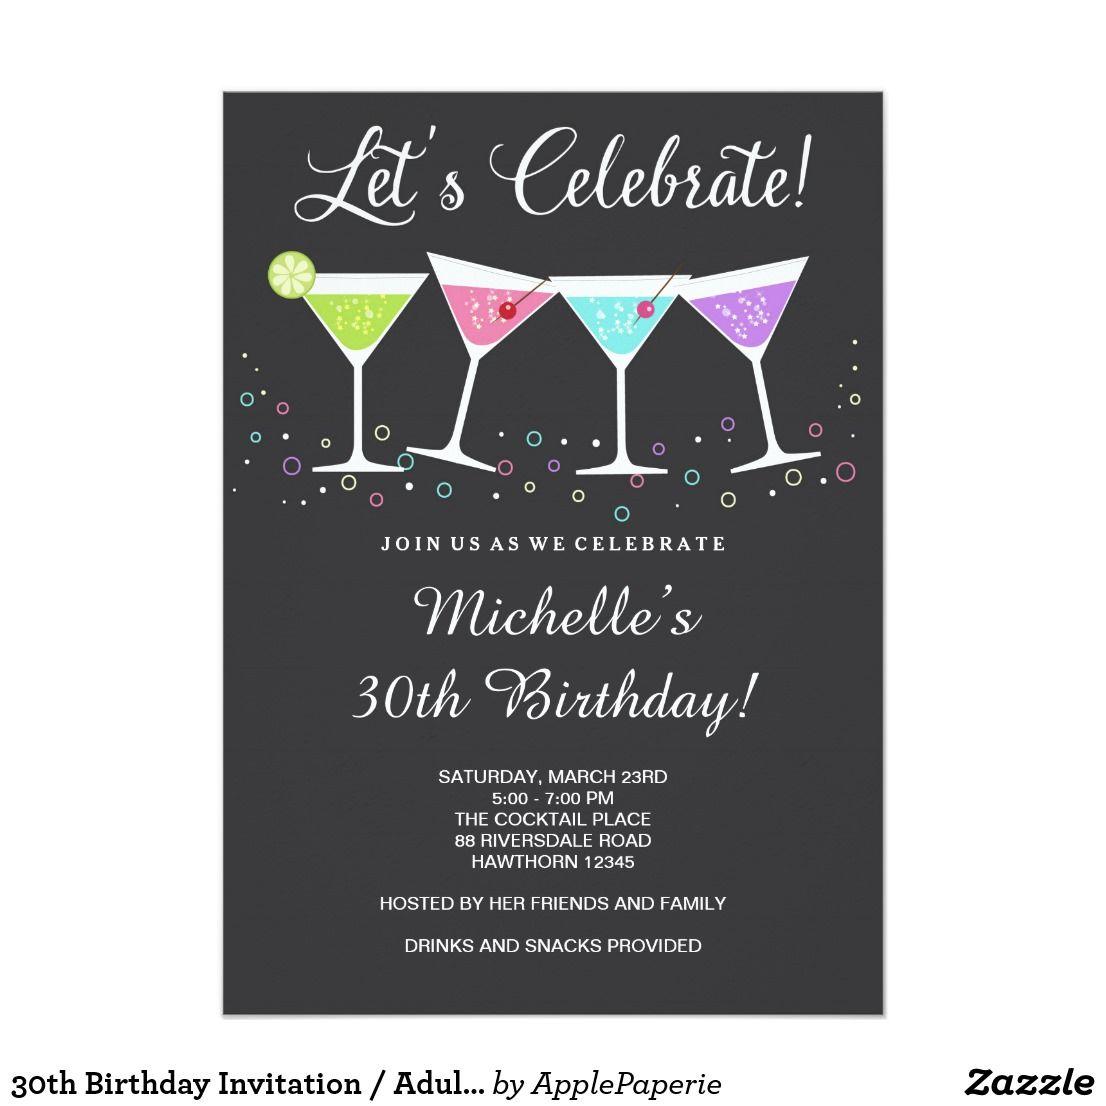 30th Birthday Invitation Invite